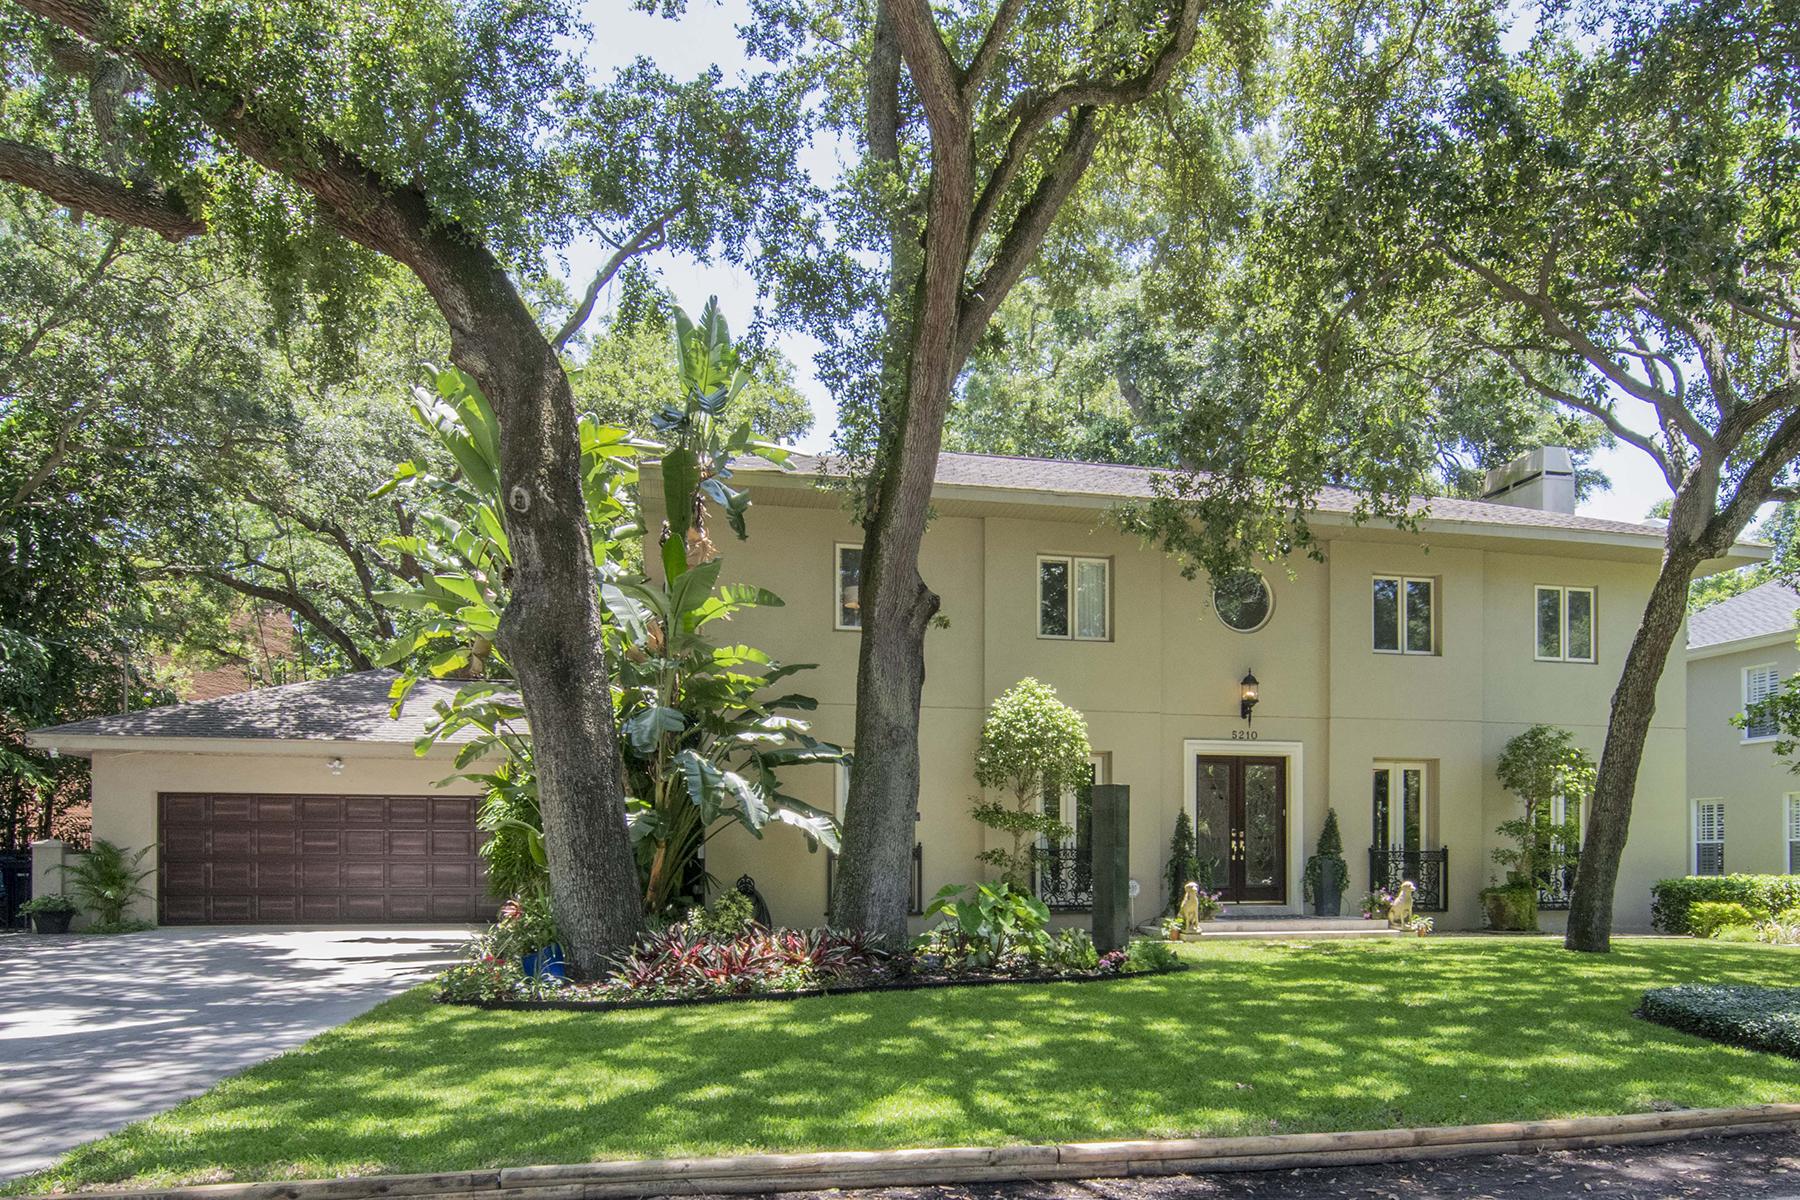 단독 가정 주택 용 매매 에 SOUTH TAMPA 5210 S Crescent Dr Tampa, 플로리다, 33611 미국